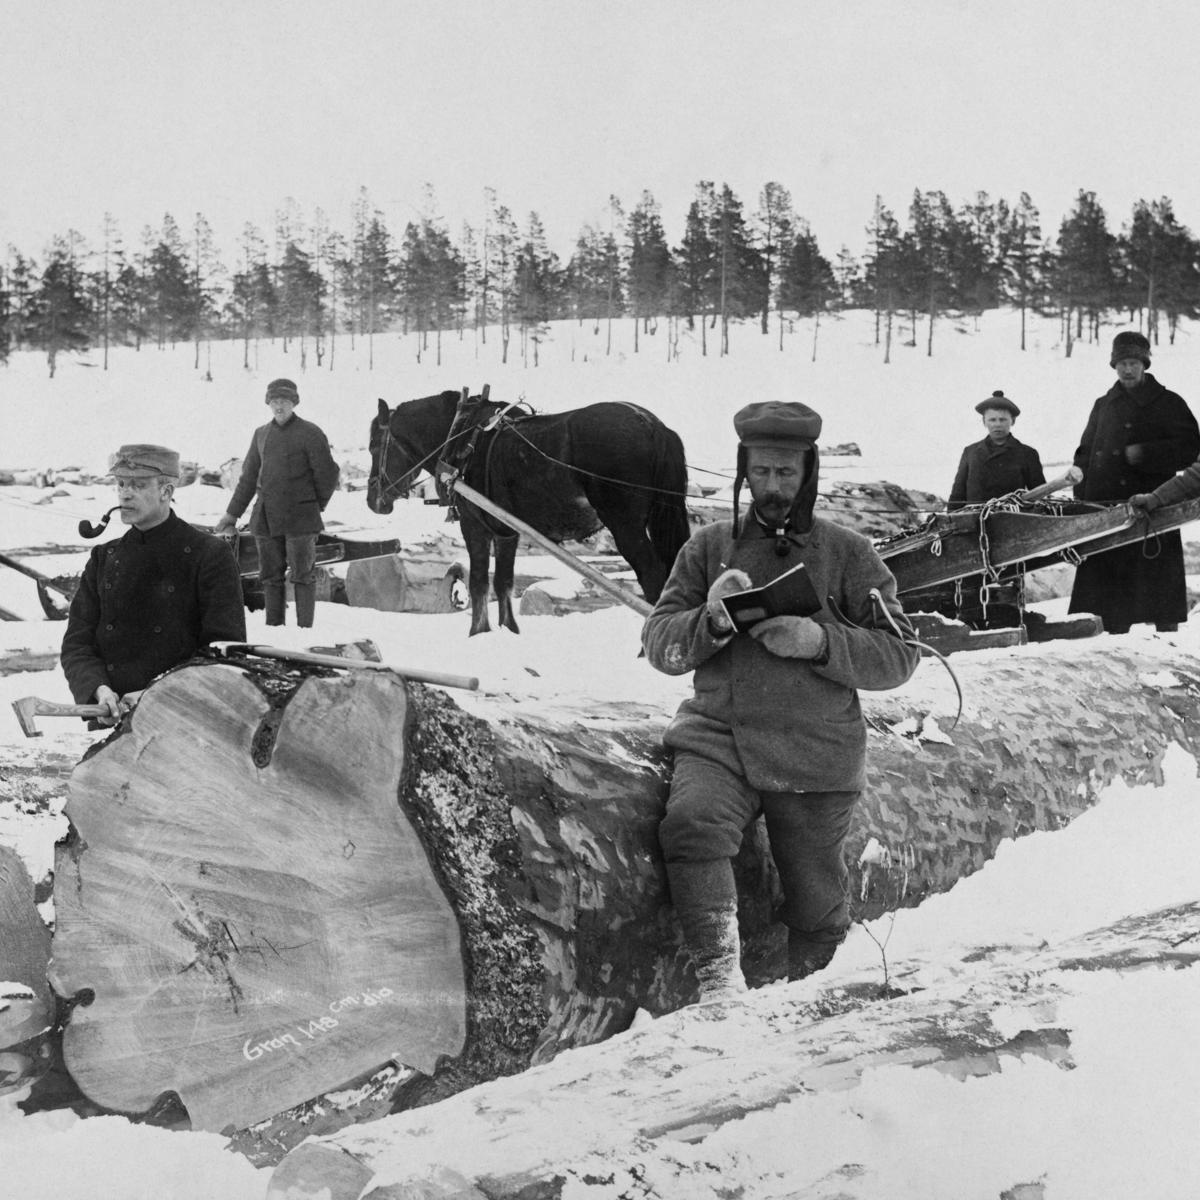 Tømmermåling på Femunden, Engerdal, Hedmark. (1905). (Foto/Photo)